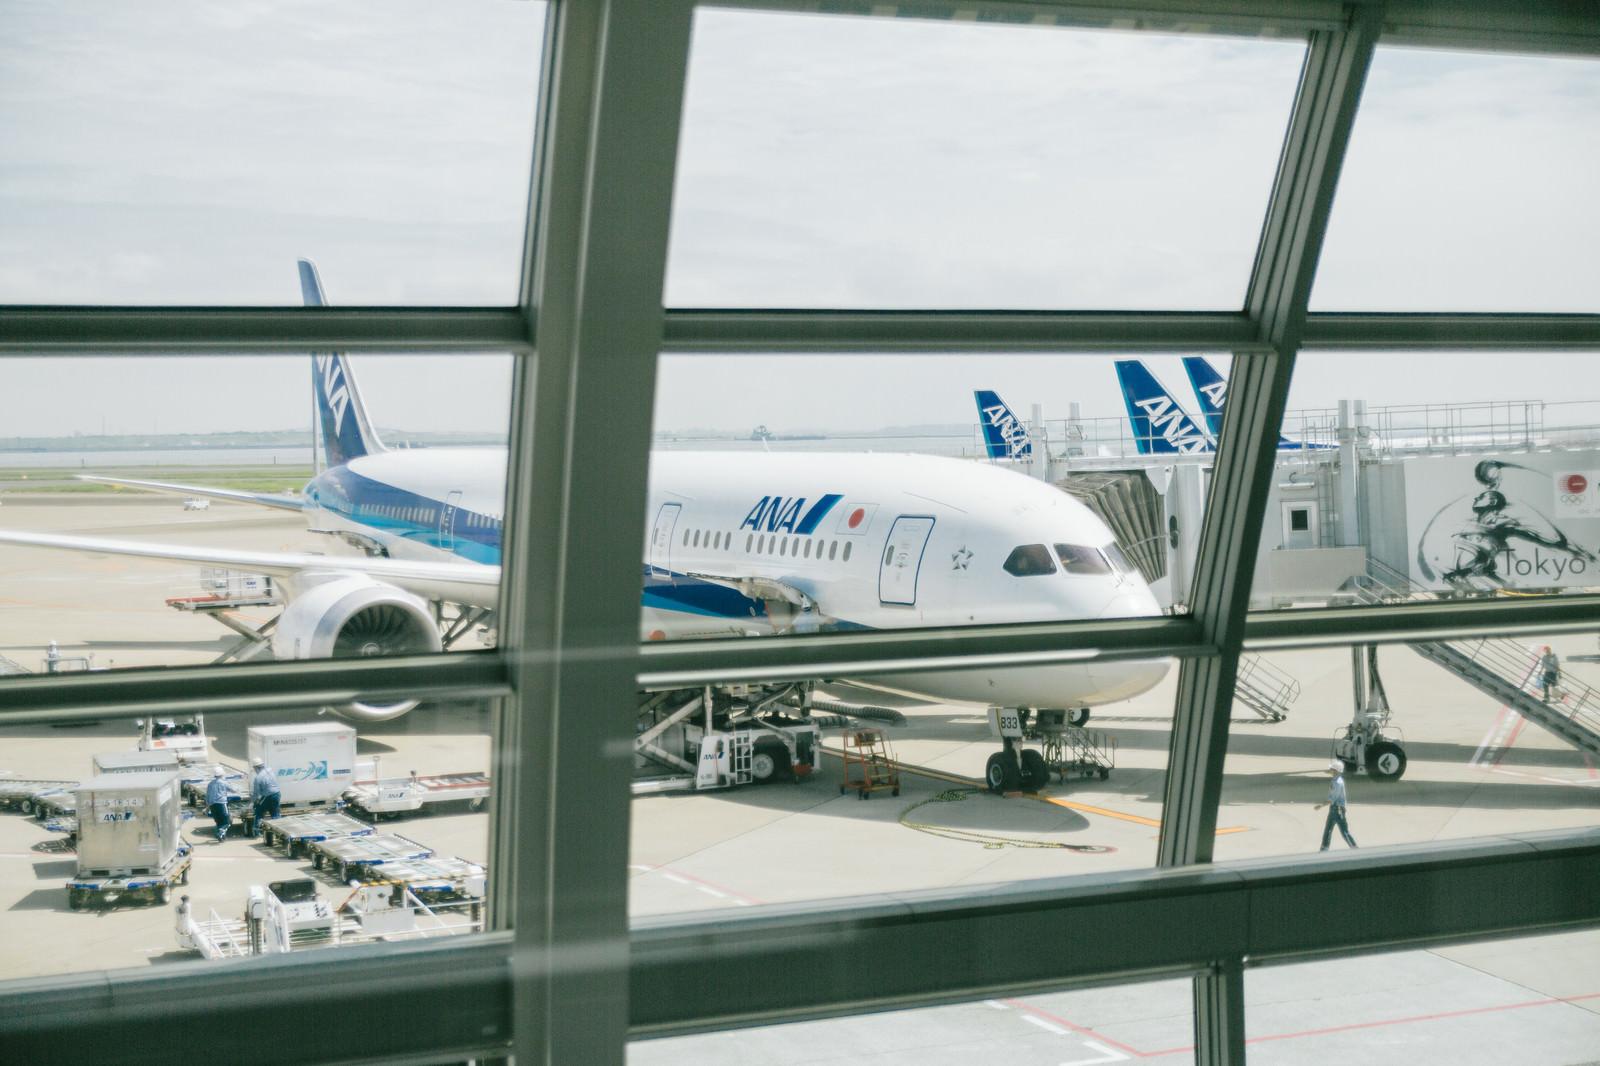 「フライト前の旅客機(ターミナルから)フライト前の旅客機(ターミナルから)」のフリー写真素材を拡大